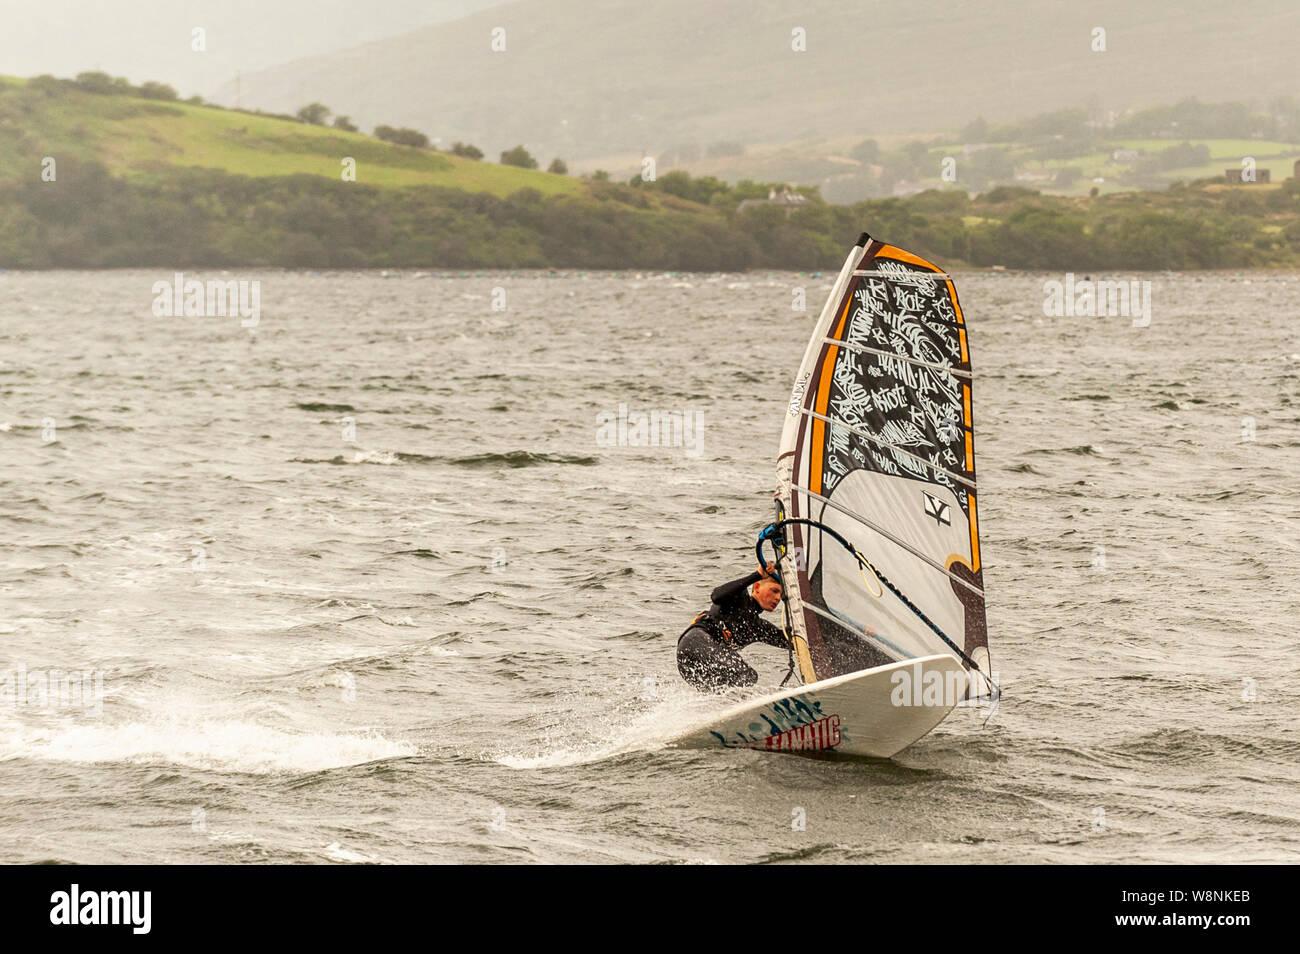 Bantry, West Cork, Irlande. 10 août, 2019. Au milieu des vents très élevés dans l'Ouest de Cork, aujourd'hui 19 ans, Rory Mac Allister de Adrigole, Bantry, a pris de l'eau pour un spot de planche à voile. Credit: Andy Gibson/Alamy Live News. Banque D'Images